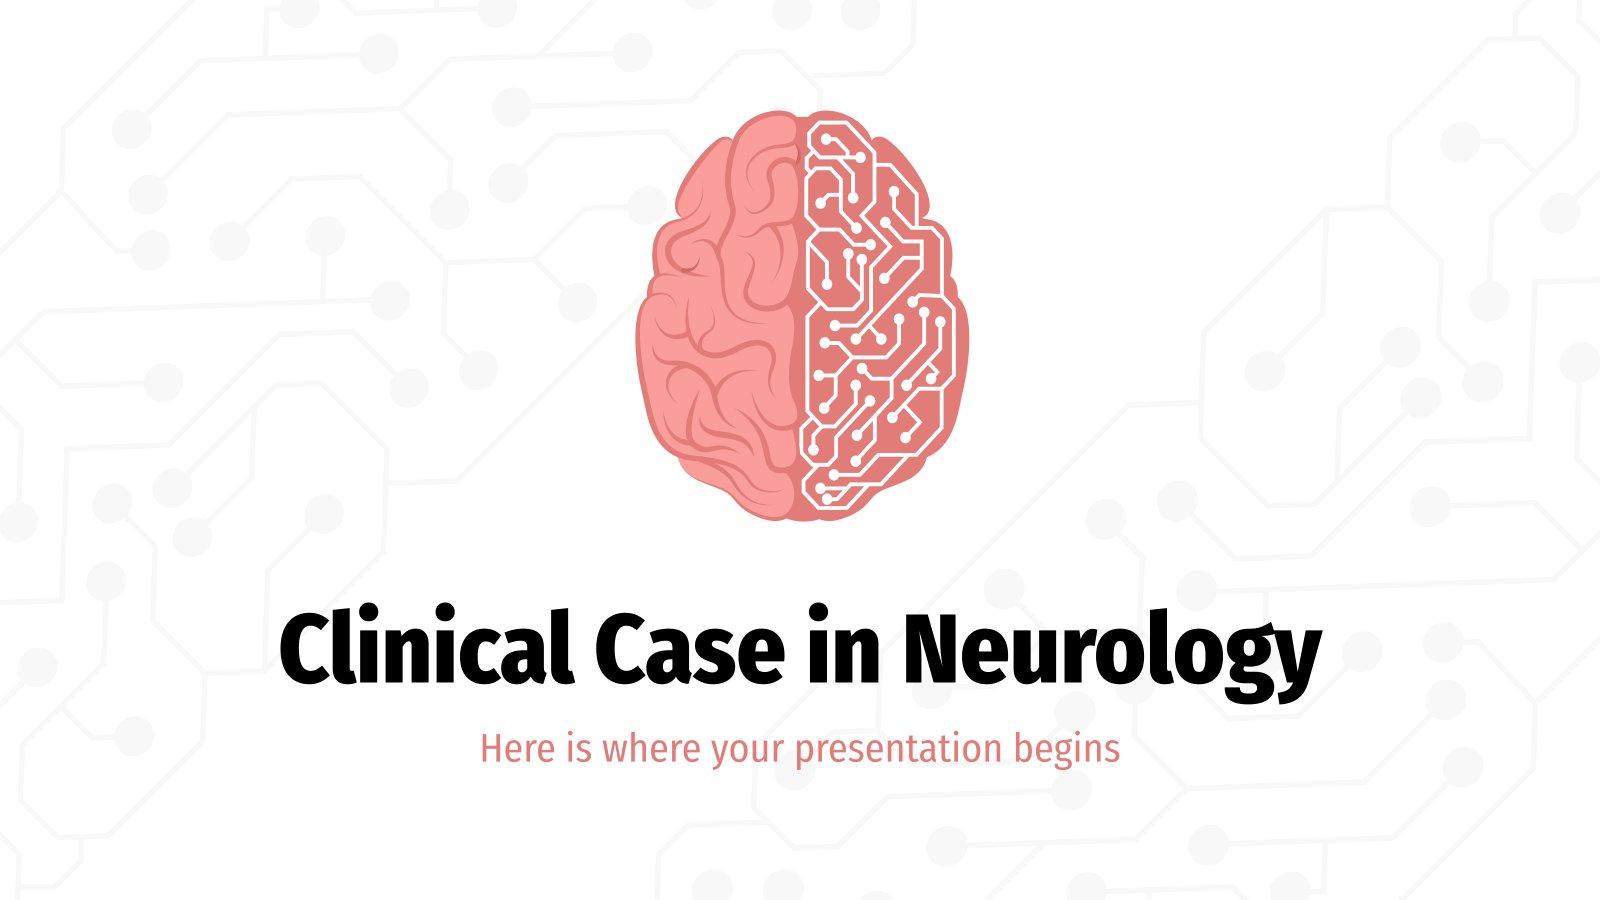 Klinischer Fall in der Neurologie Präsentationsvorlage